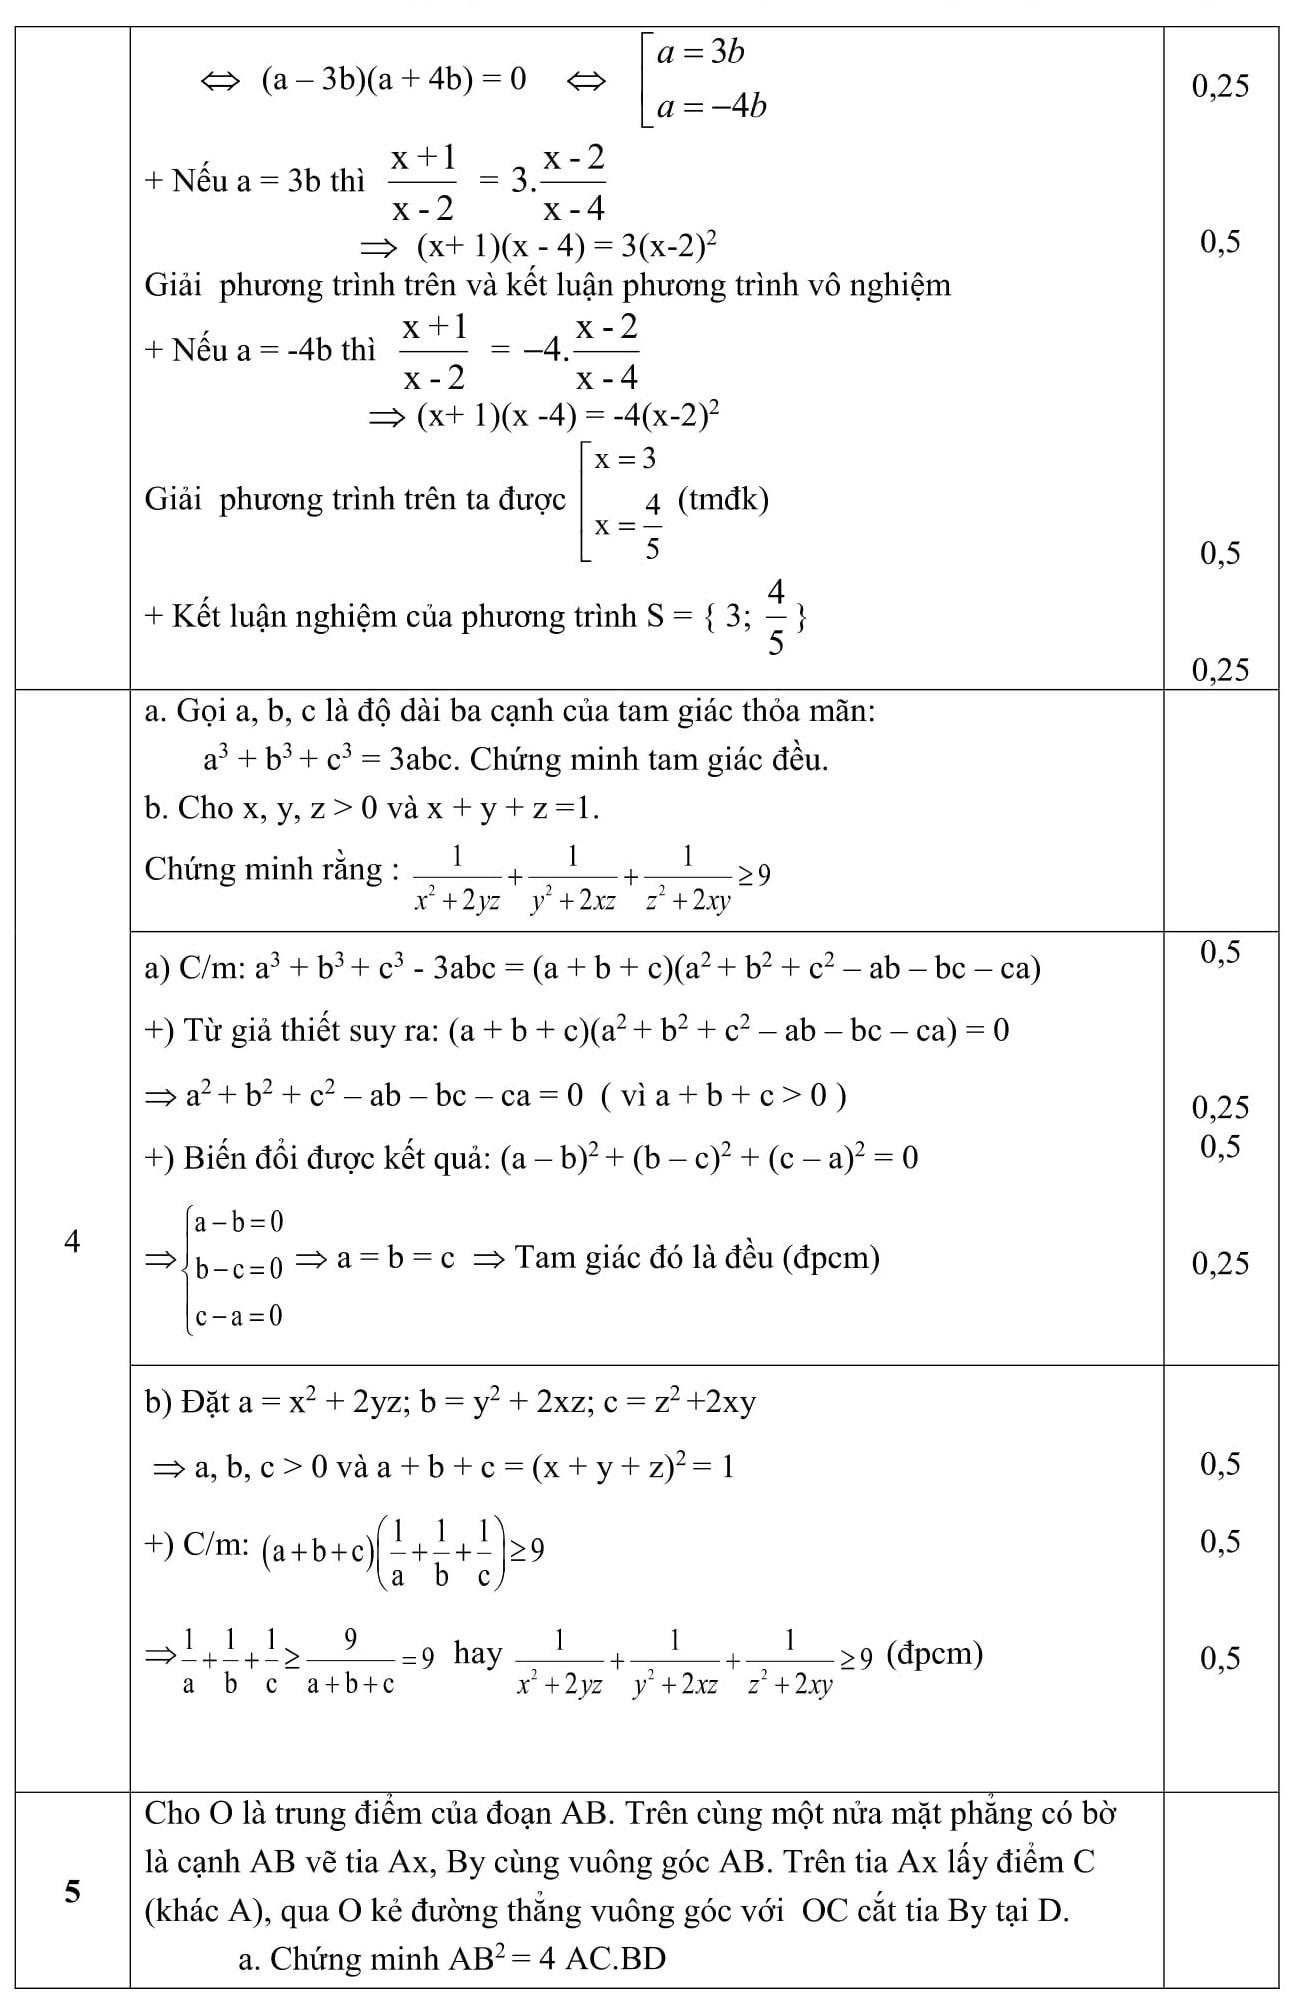 Đáp án và đề thi HSG toán 8 phòng GD&ĐT Thái Thụy 2015-2016